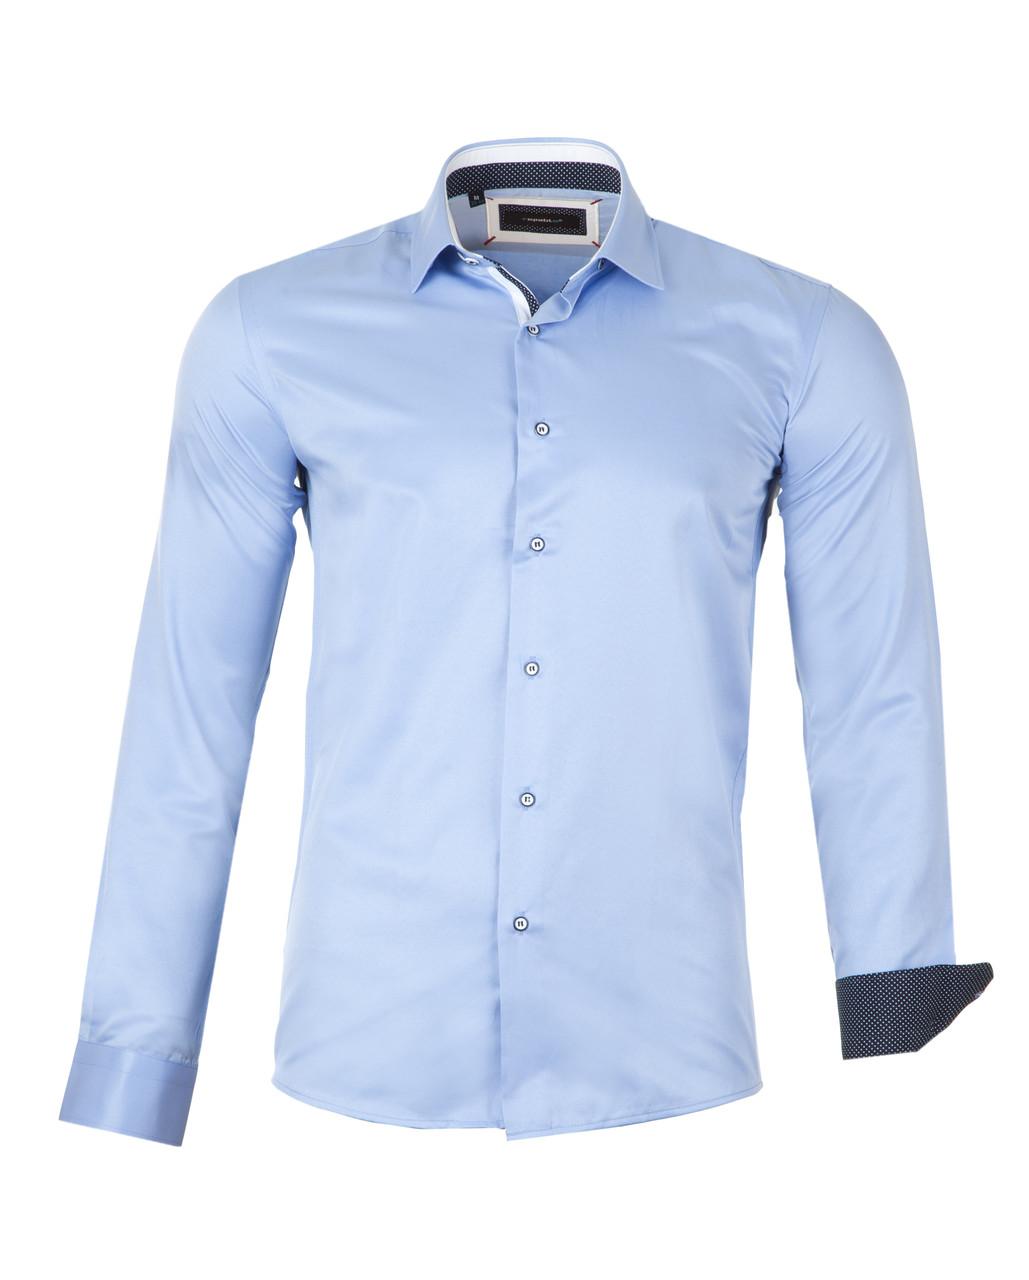 Рубашка мужская  Slim голубая